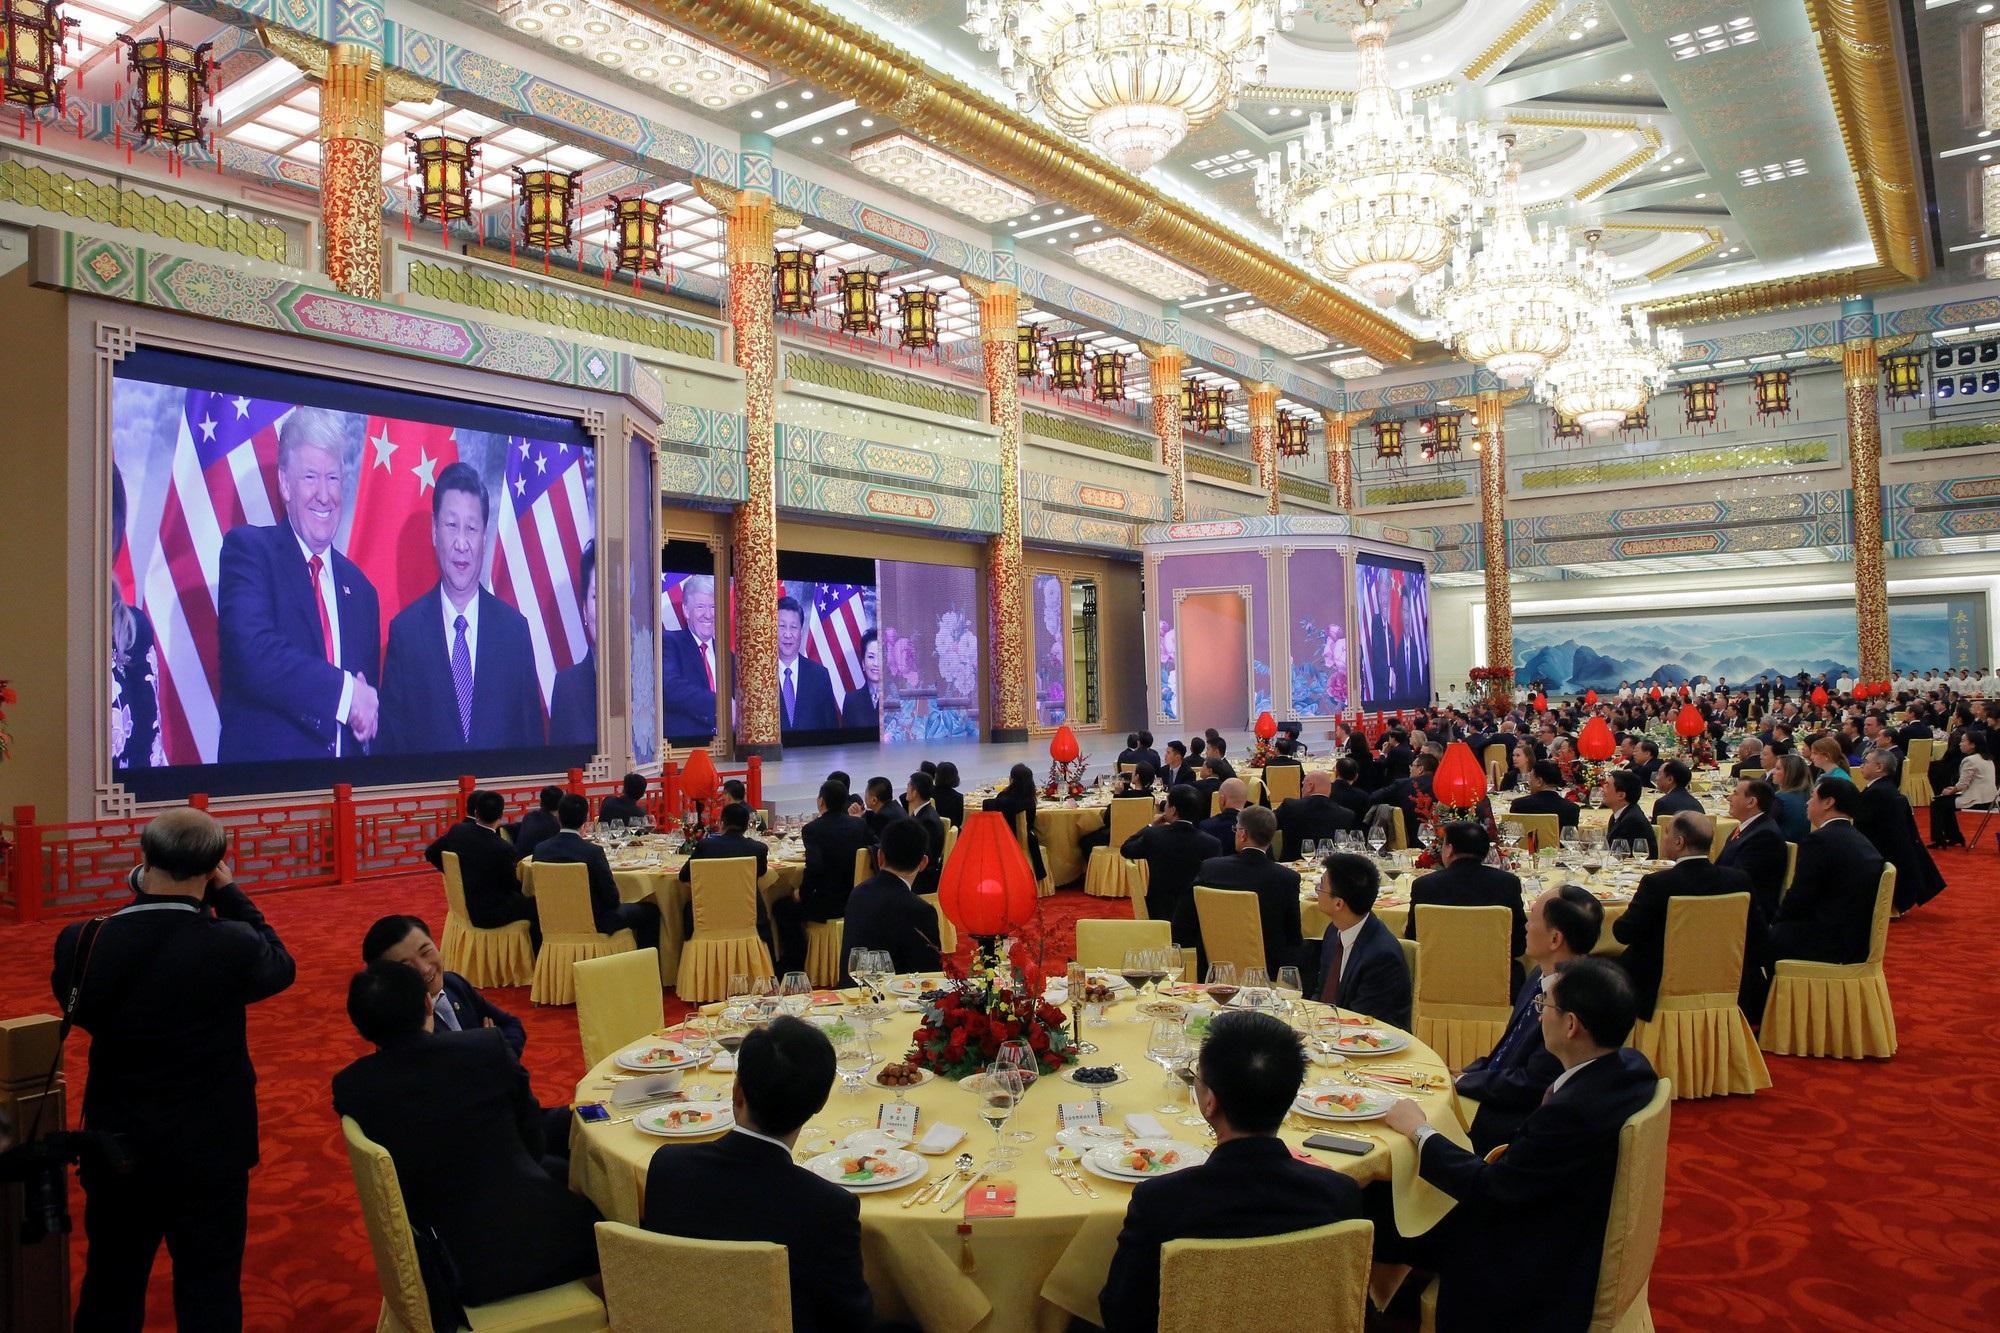 Tổng thống Trump và phu nhân đã được chào đón bằng những tràng pháo tay, các giai điệu của ban nhạc và đoạn video chiếu lại chuyến thăm của Chủ tịch Tập Cận Bình tới Mỹ hồi tháng 4 và cuộc gặp giữa hai nhà lãnh đạo bên lề hội nghị thượng đỉnh G20 hồi tháng 7. (Ảnh: Reuters)